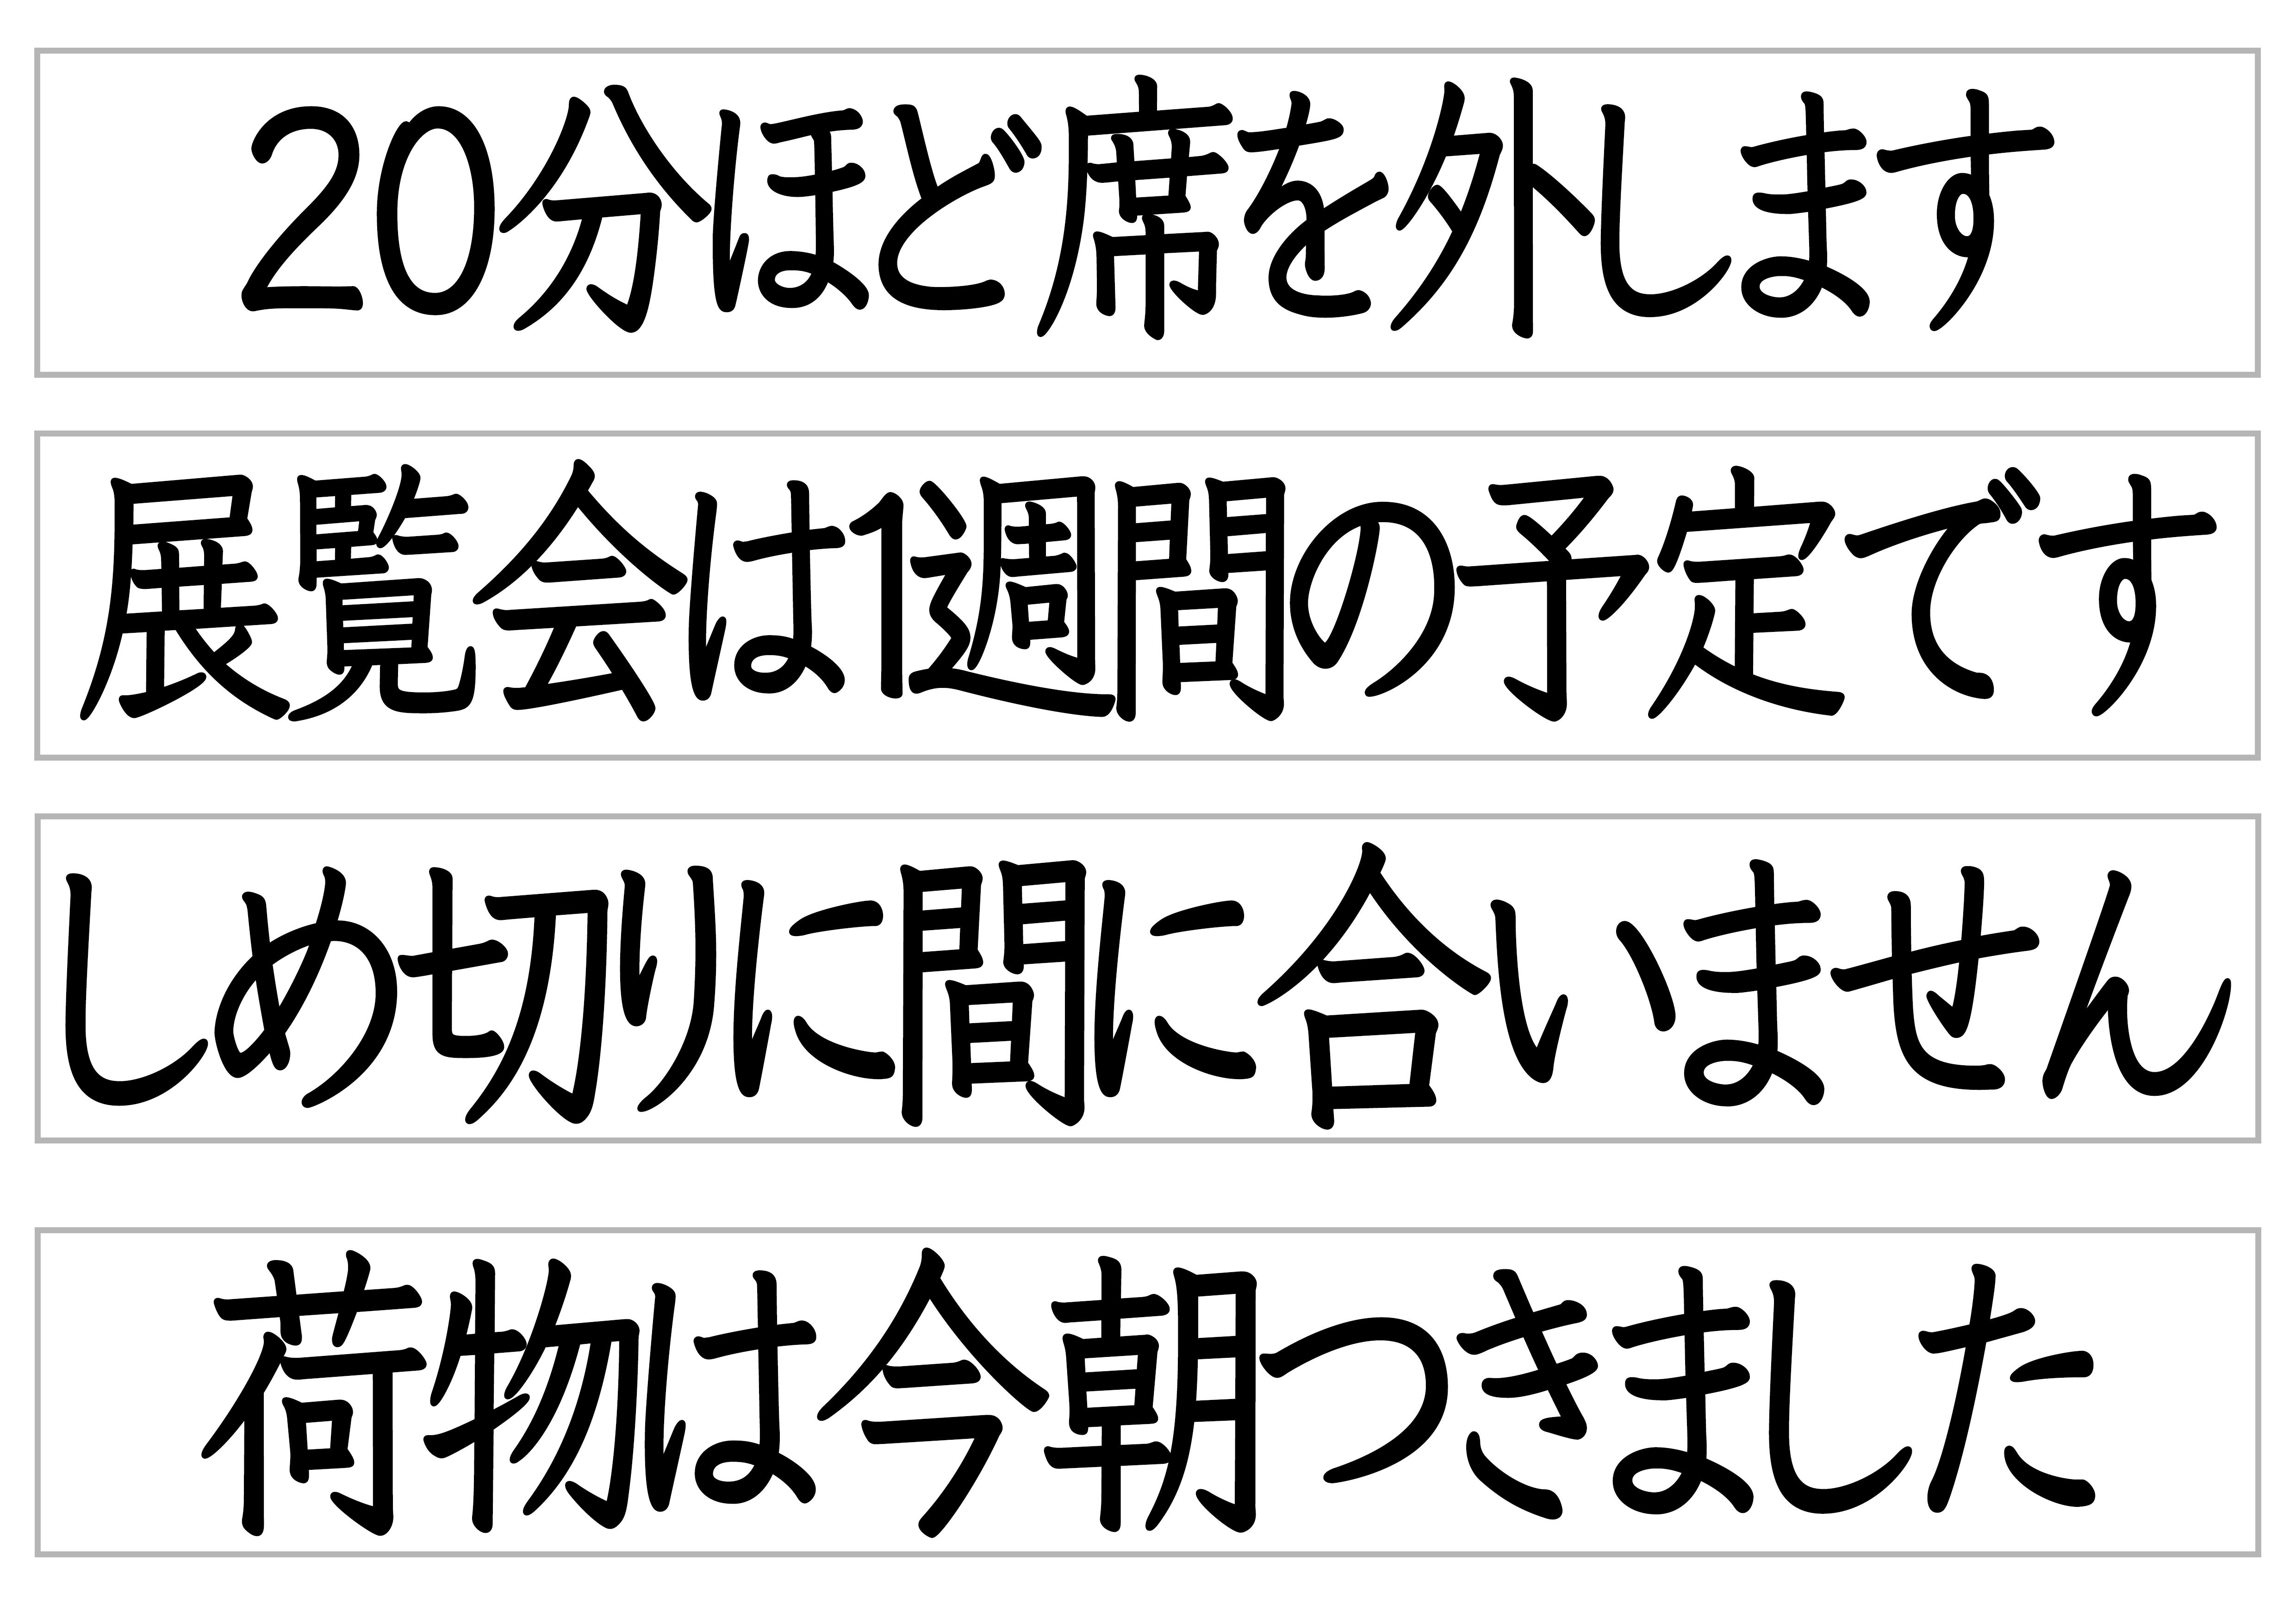 33課文字カード【〜と言っていました】